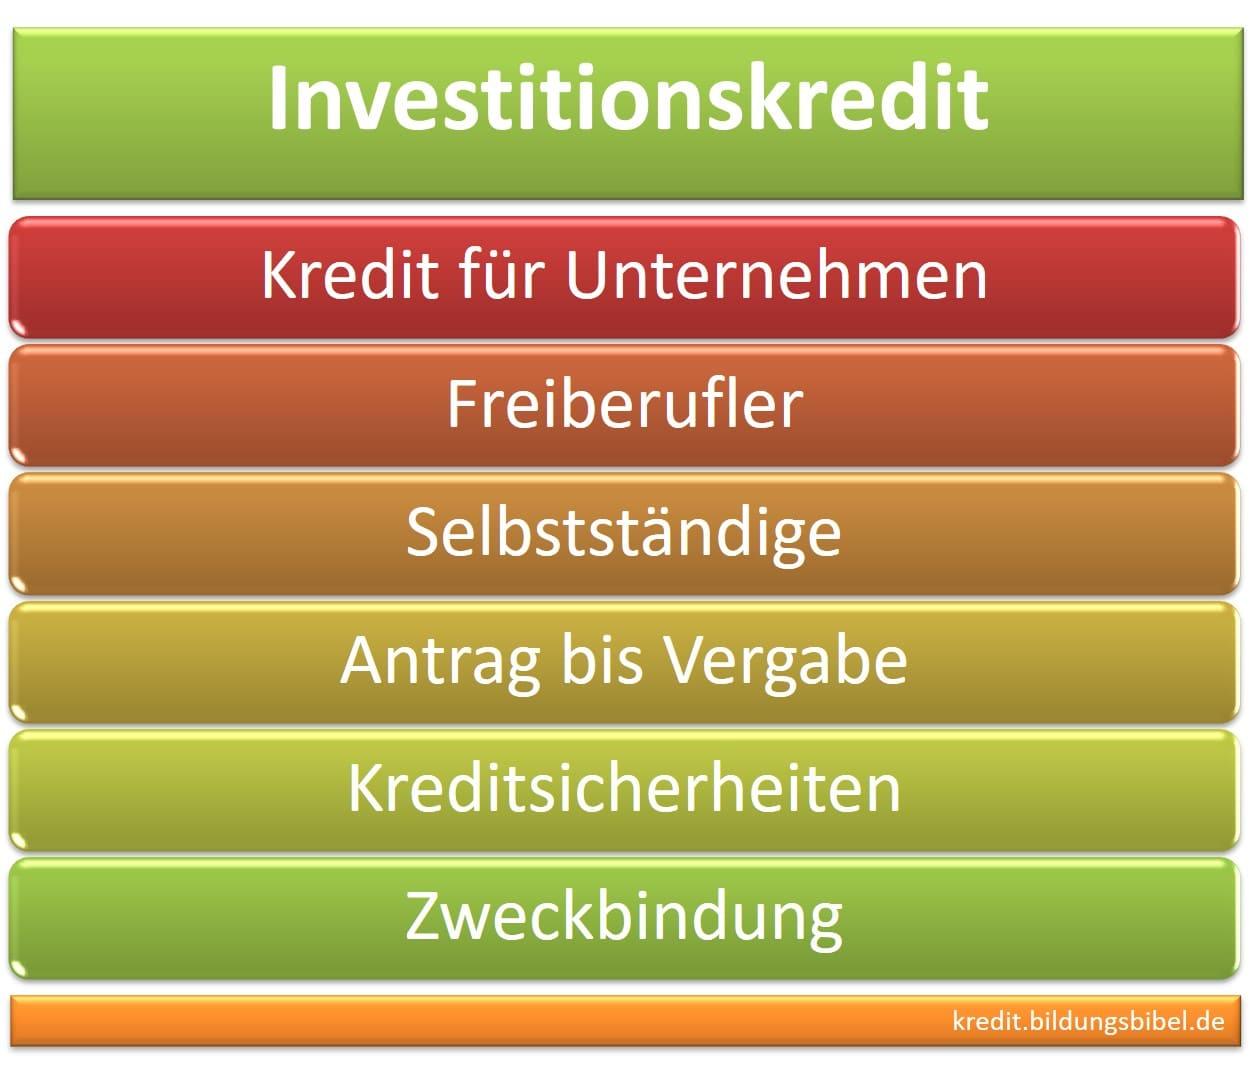 Der Investitionskredit, ein Kredit für Unternehmen, Selbstständige sowie Freiberufler, Kreditantrag bis -Kreditvergabe, Sicherheiten sowie Zweckbindung